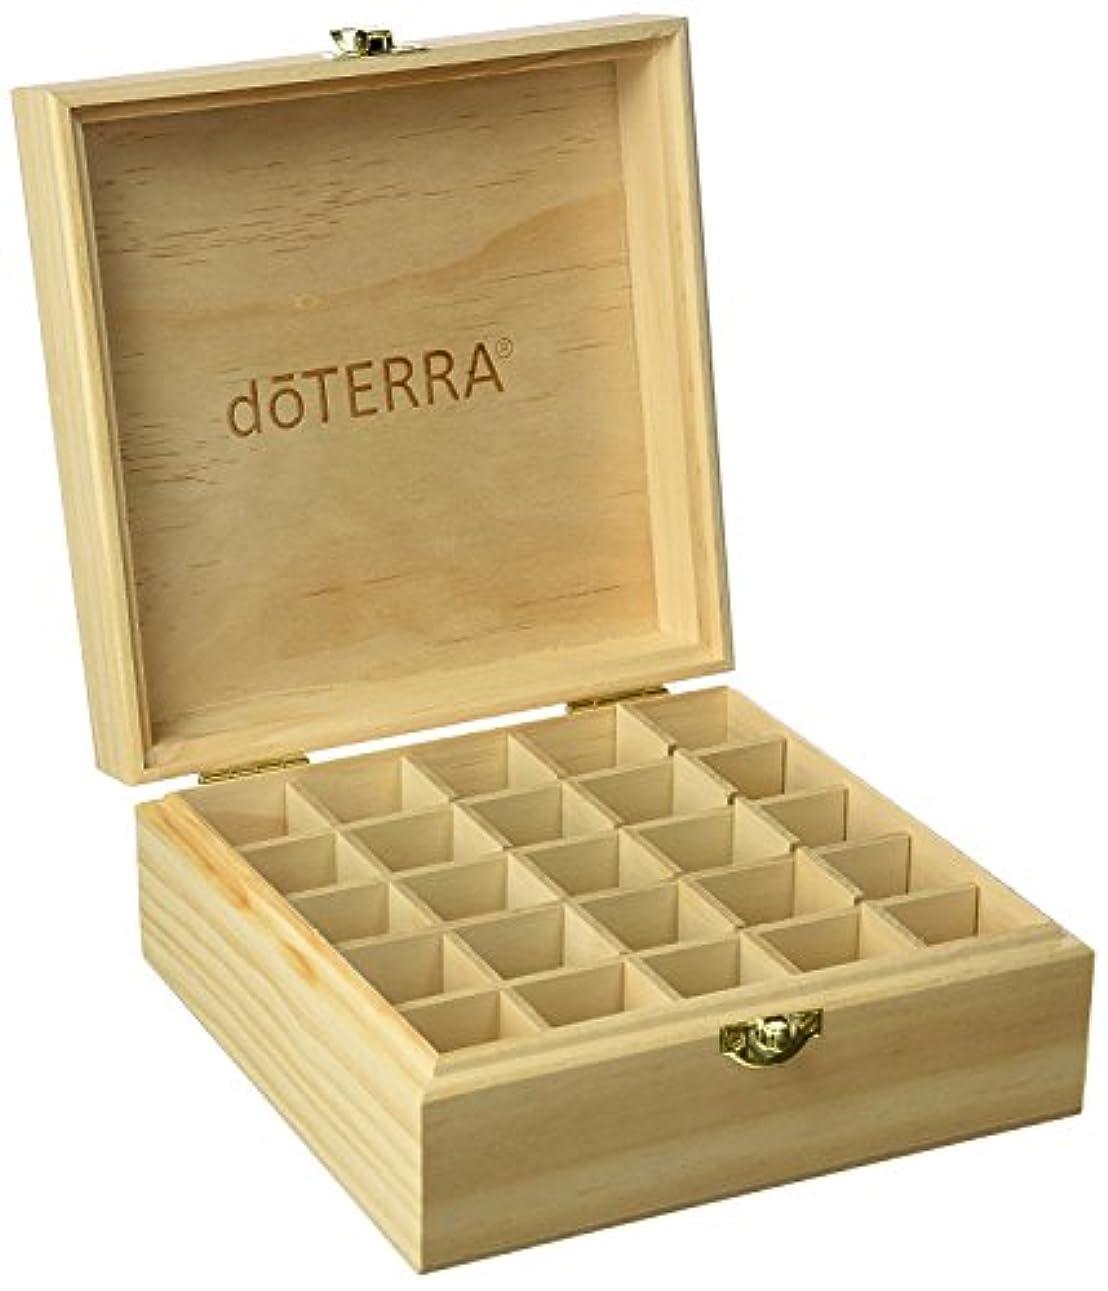 商業の制限フィットエッセンシャルオイル収納ボックス25本用 エッセンシャルオイルボックス 20 mlのボトルを15 mlのための25のブロックによって木製のキャビネット